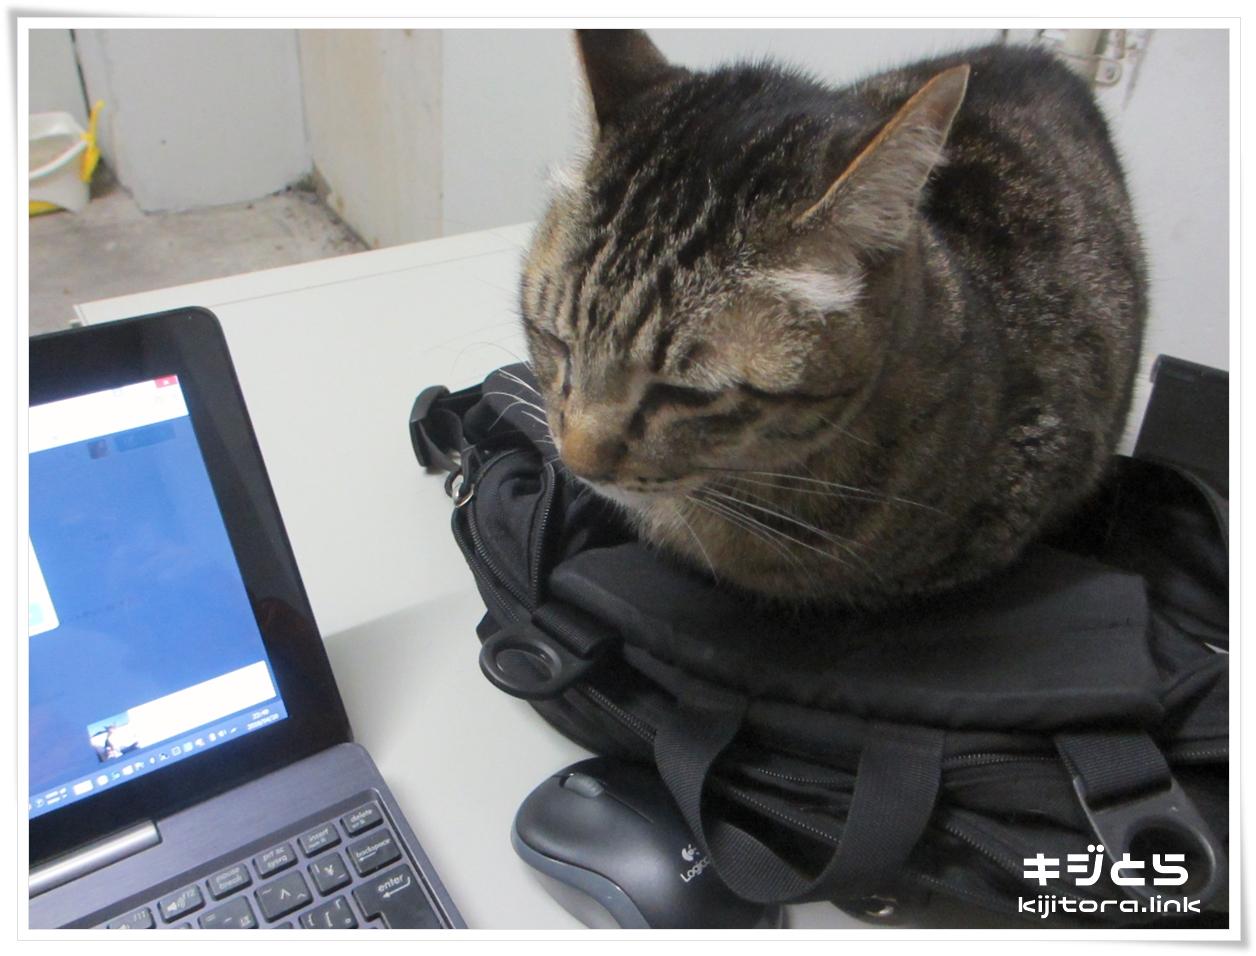 香箱座りで気を抜いているキジトラ猫